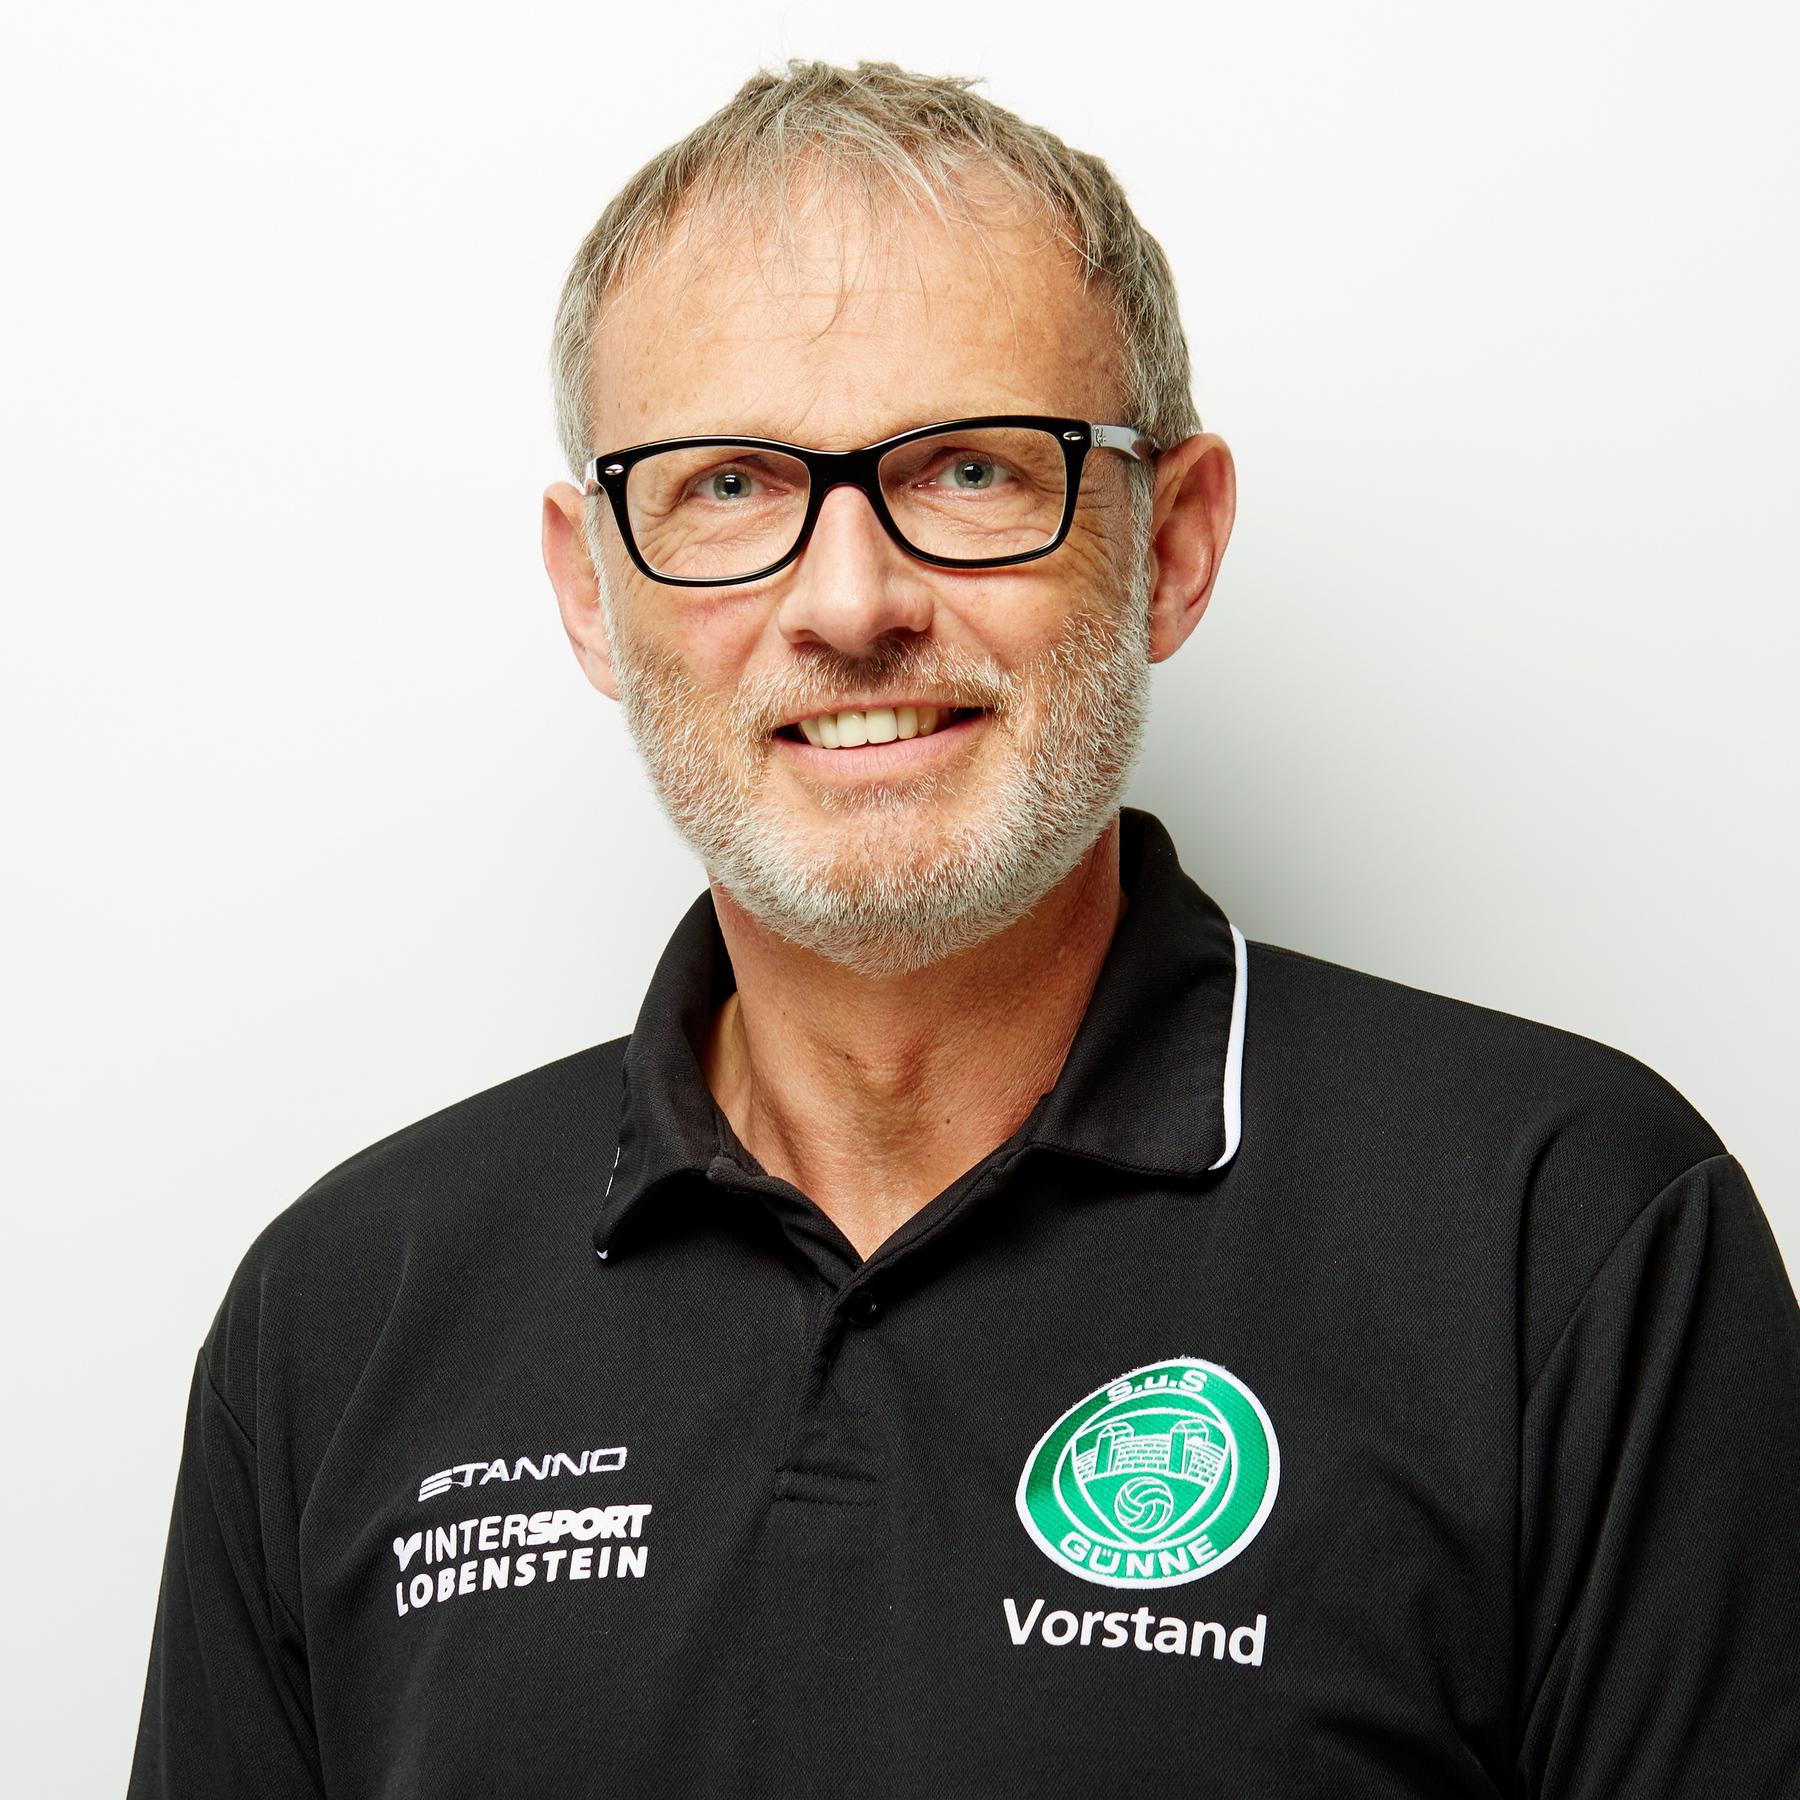 Joachim Zensen